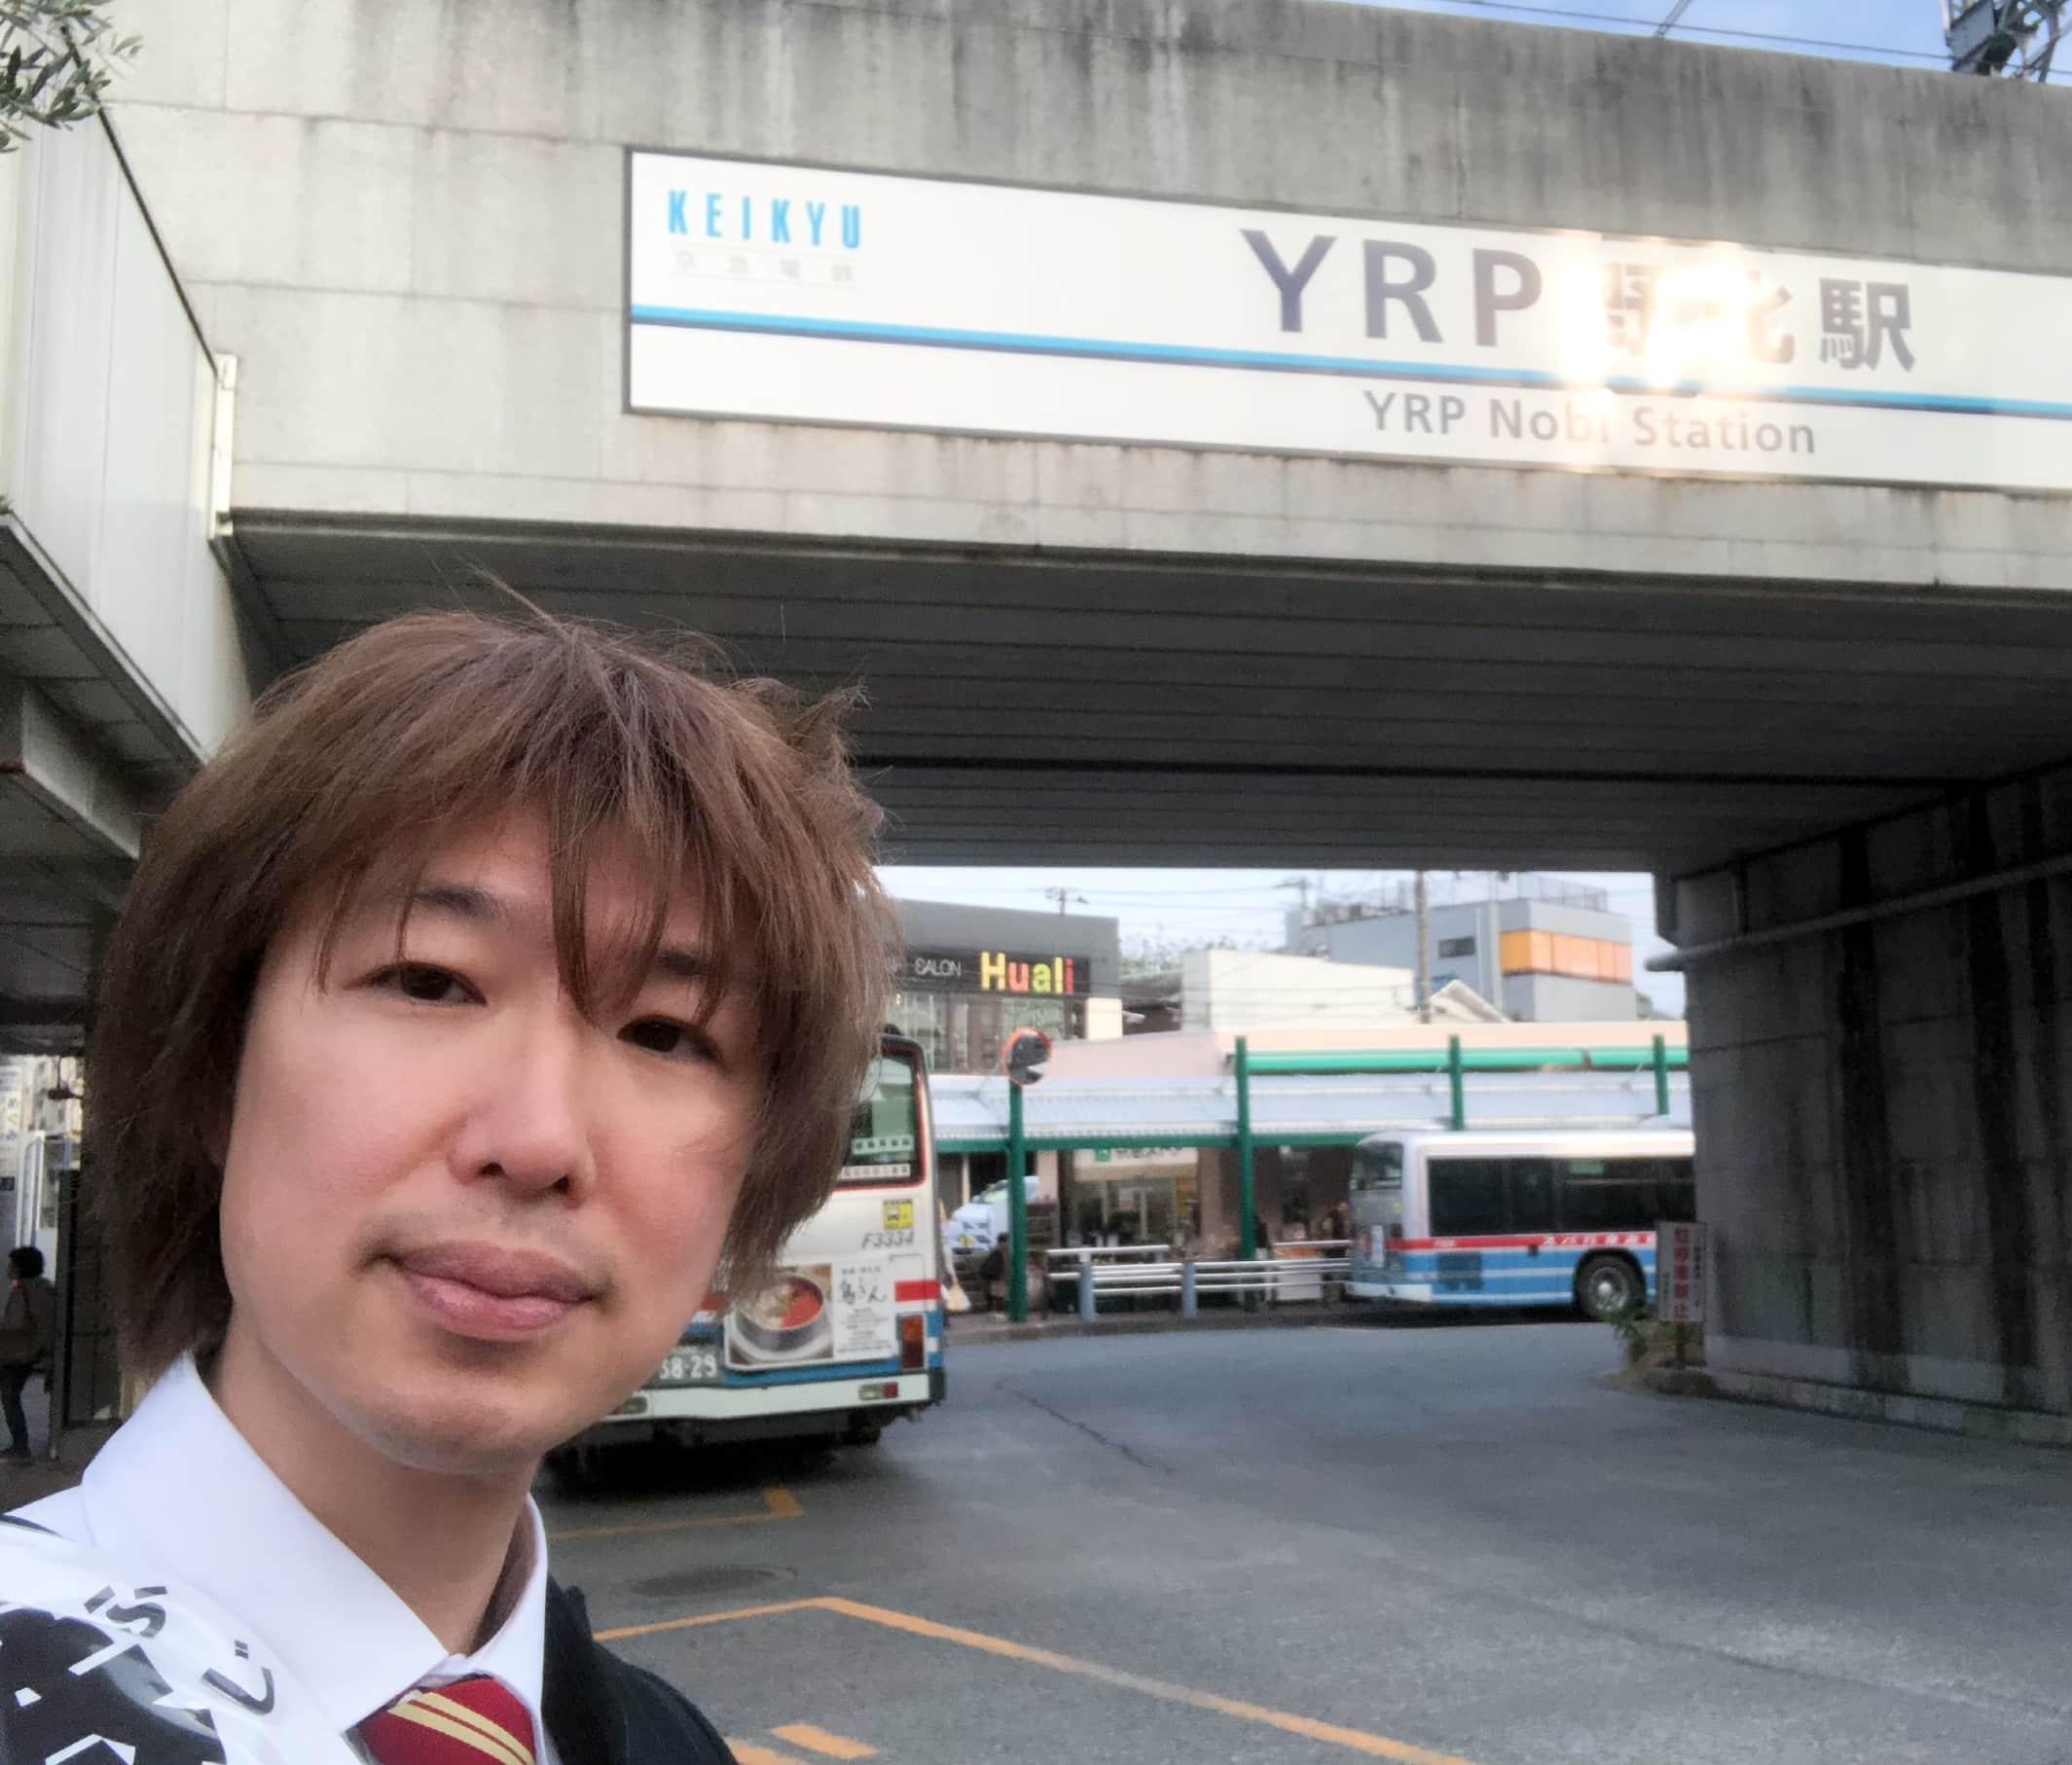 午後、野比駅から井戸店まで歩いては演説し歩いては演説してまわりました